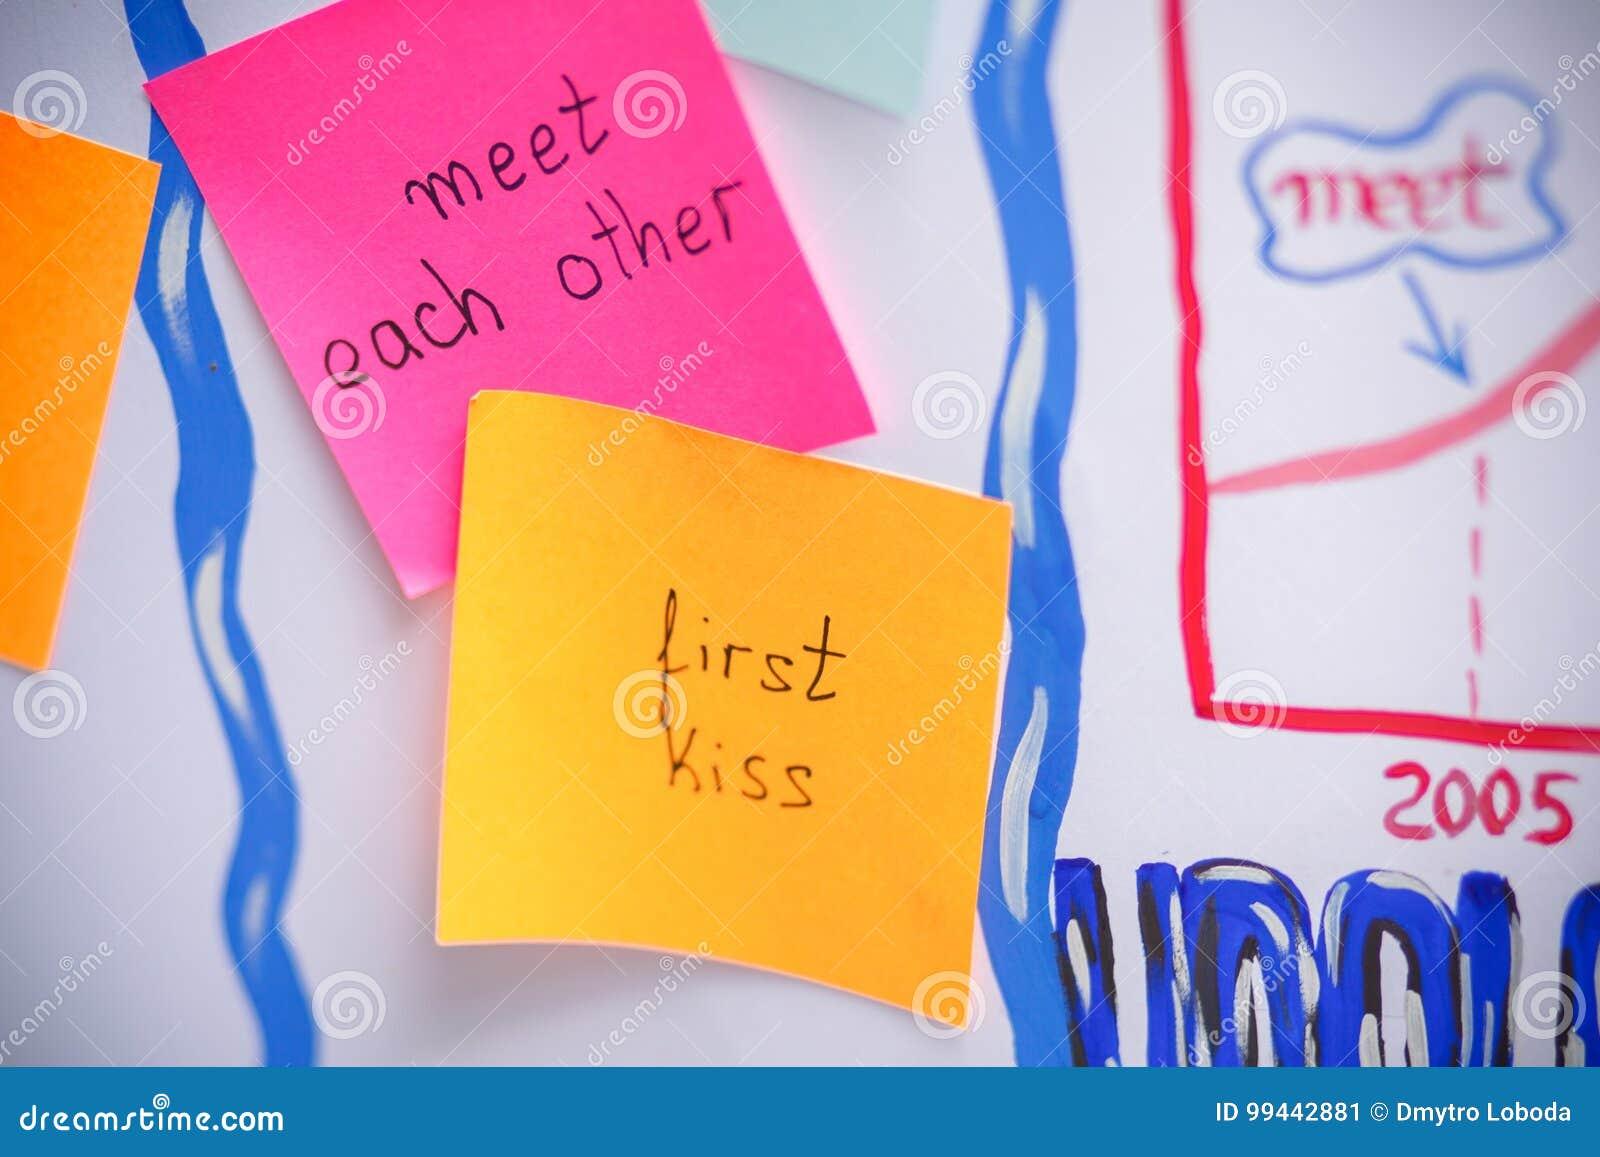 wedding planner checklist information preparation stock image